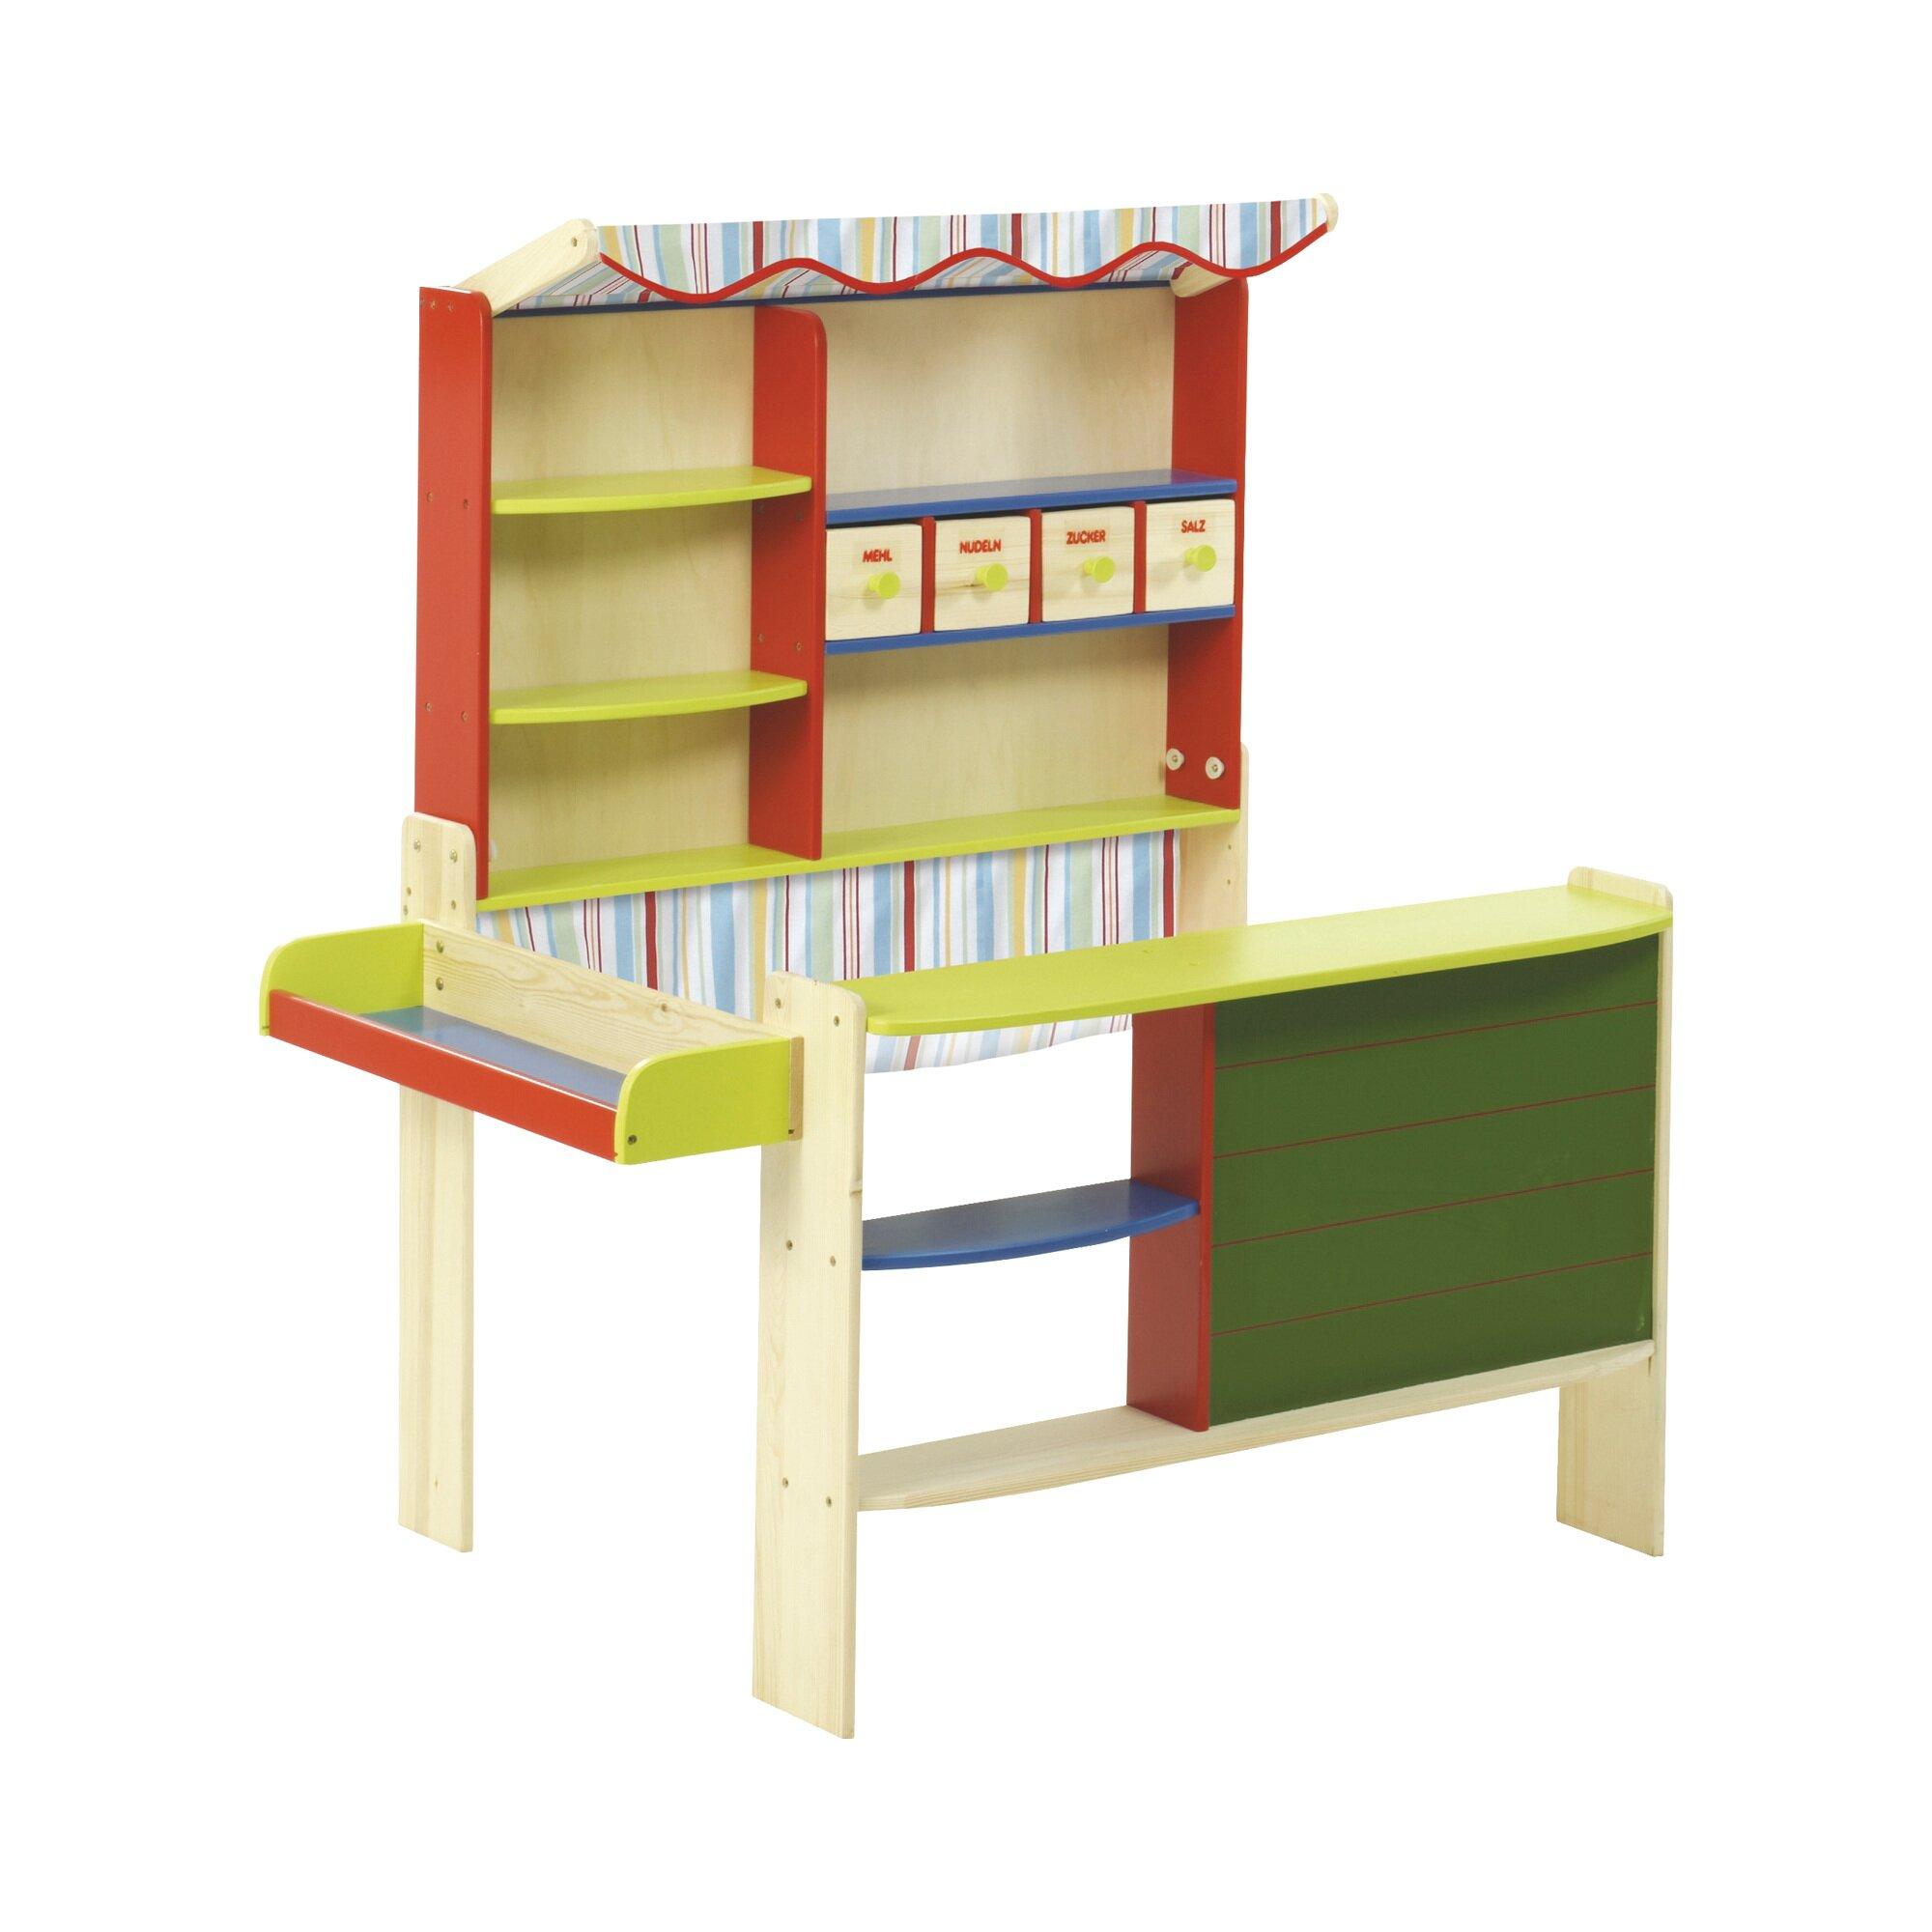 roba kaufladen mit stoffdach 9793 preisvergleich kaufladen g nstig kaufen bei. Black Bedroom Furniture Sets. Home Design Ideas